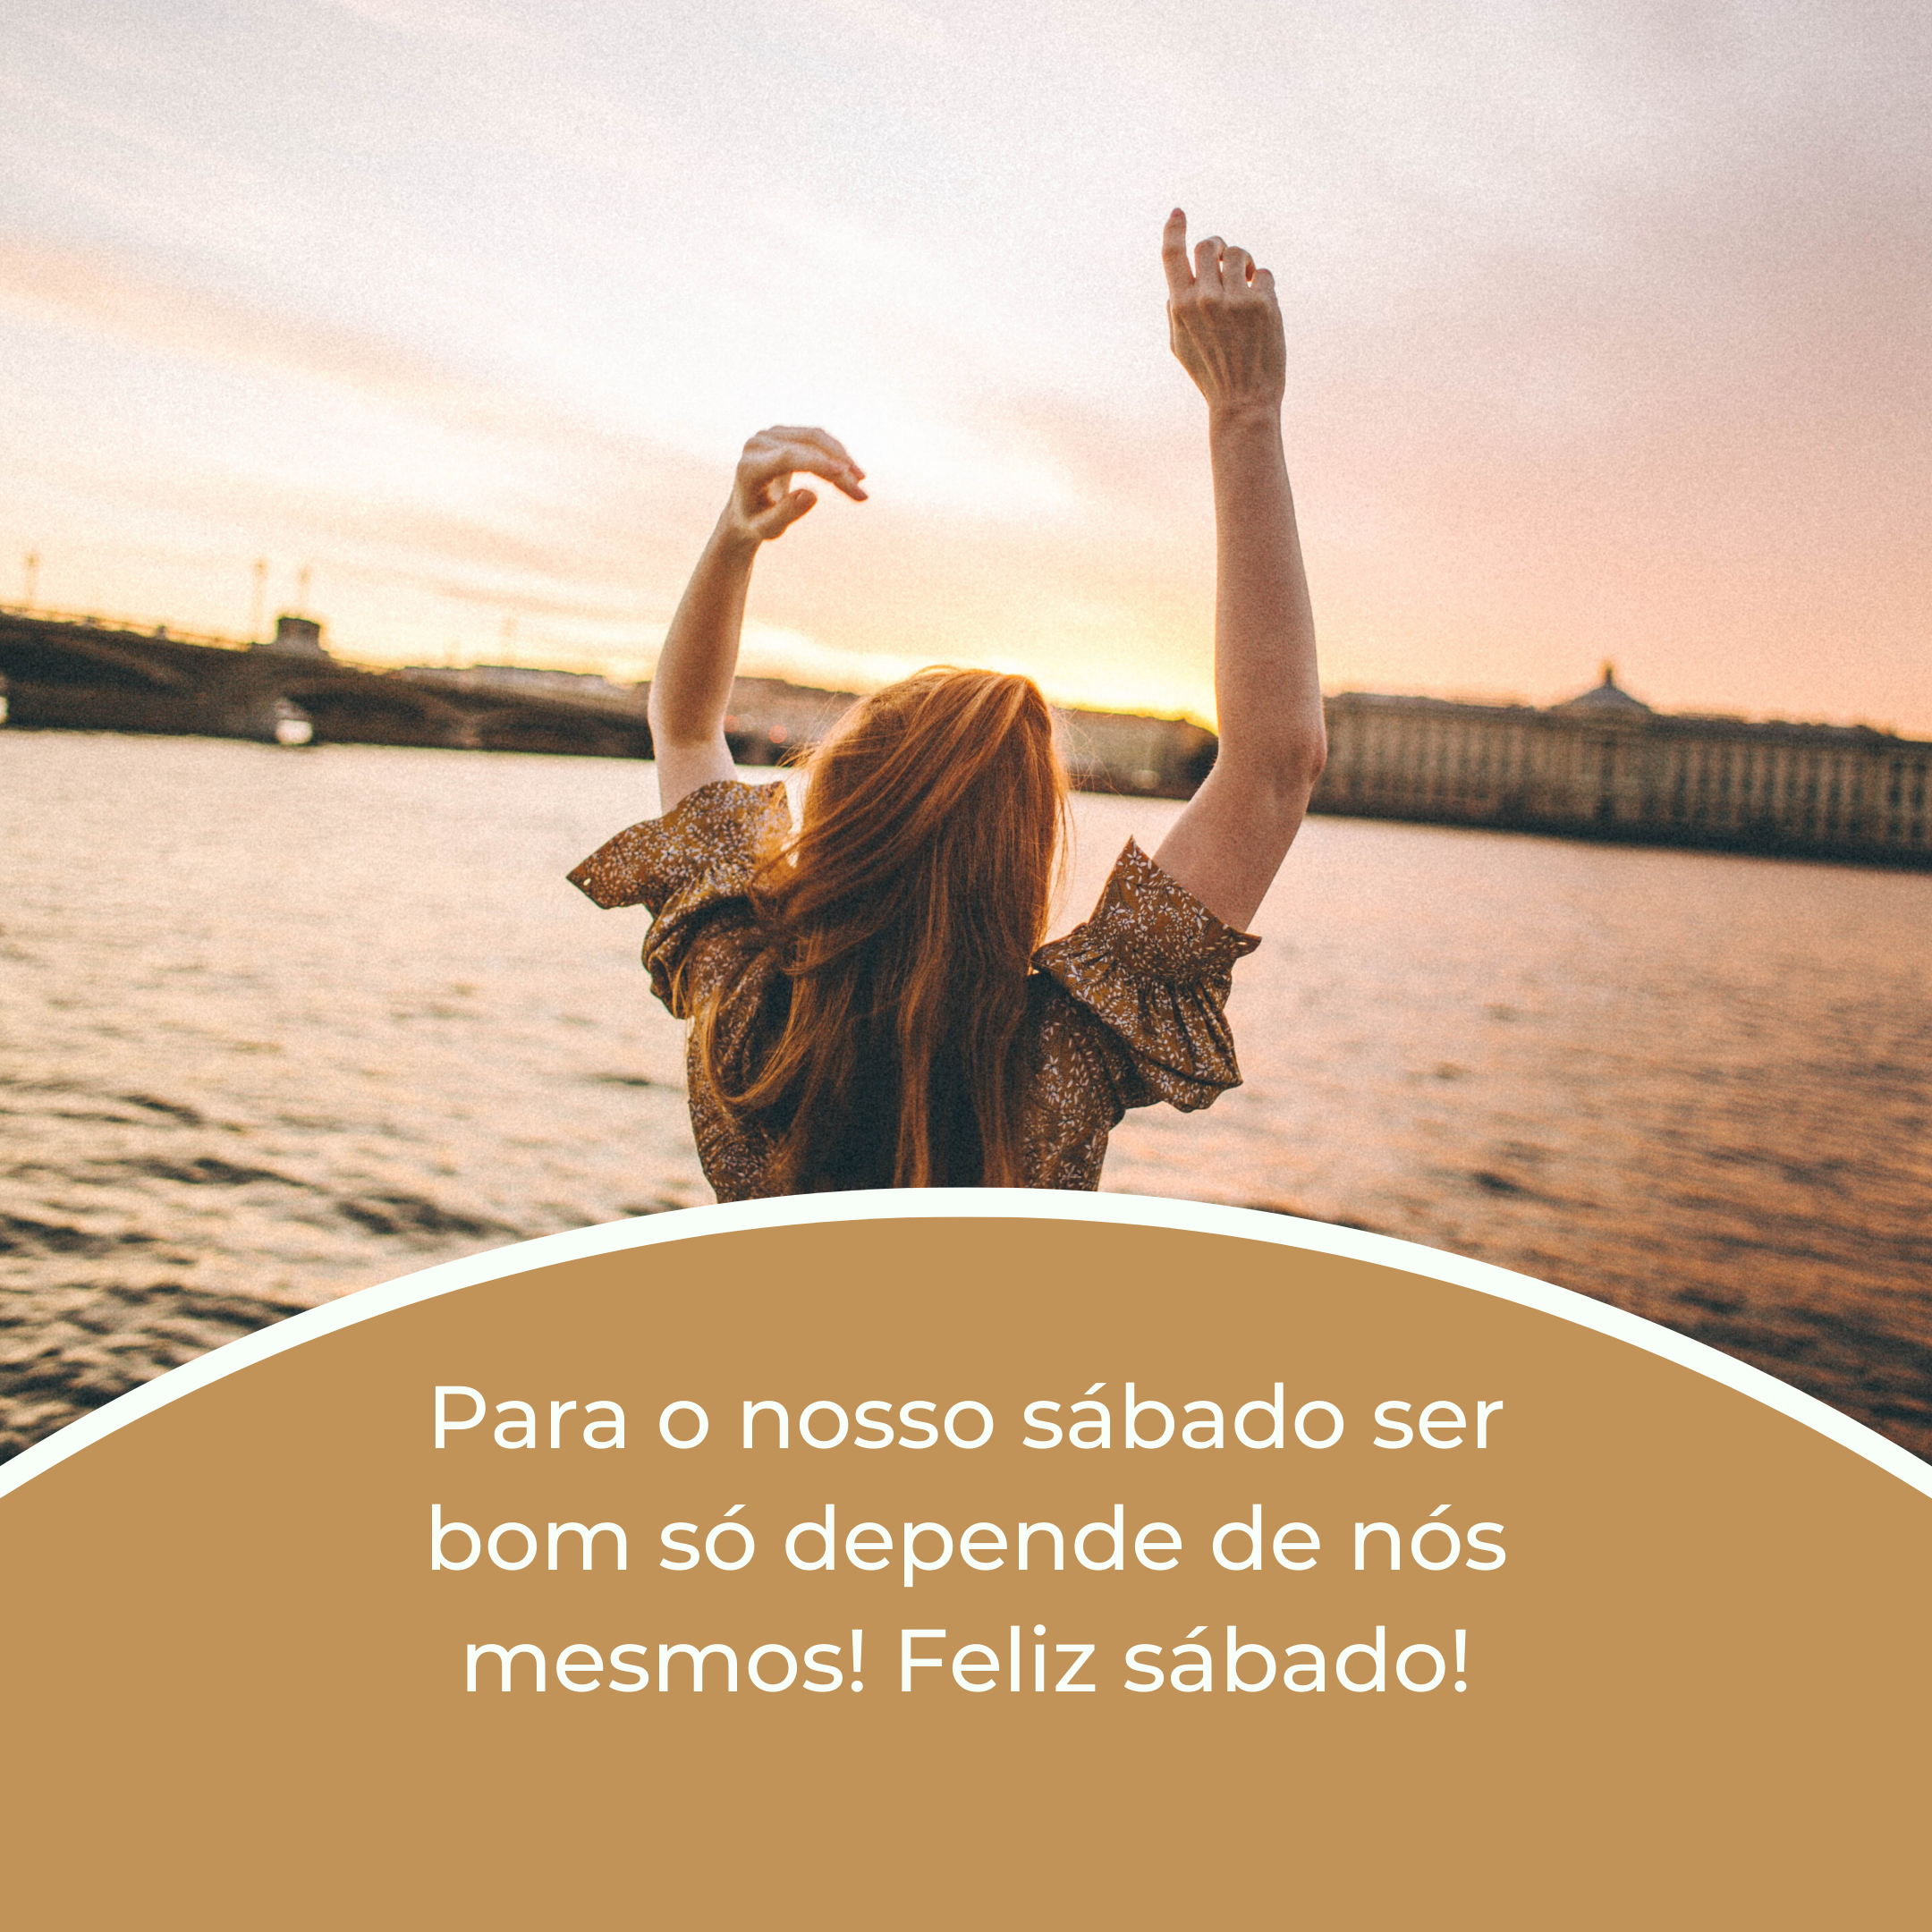 Para o nosso sábado ser bom só depende de nós mesmos! Feliz sábado!